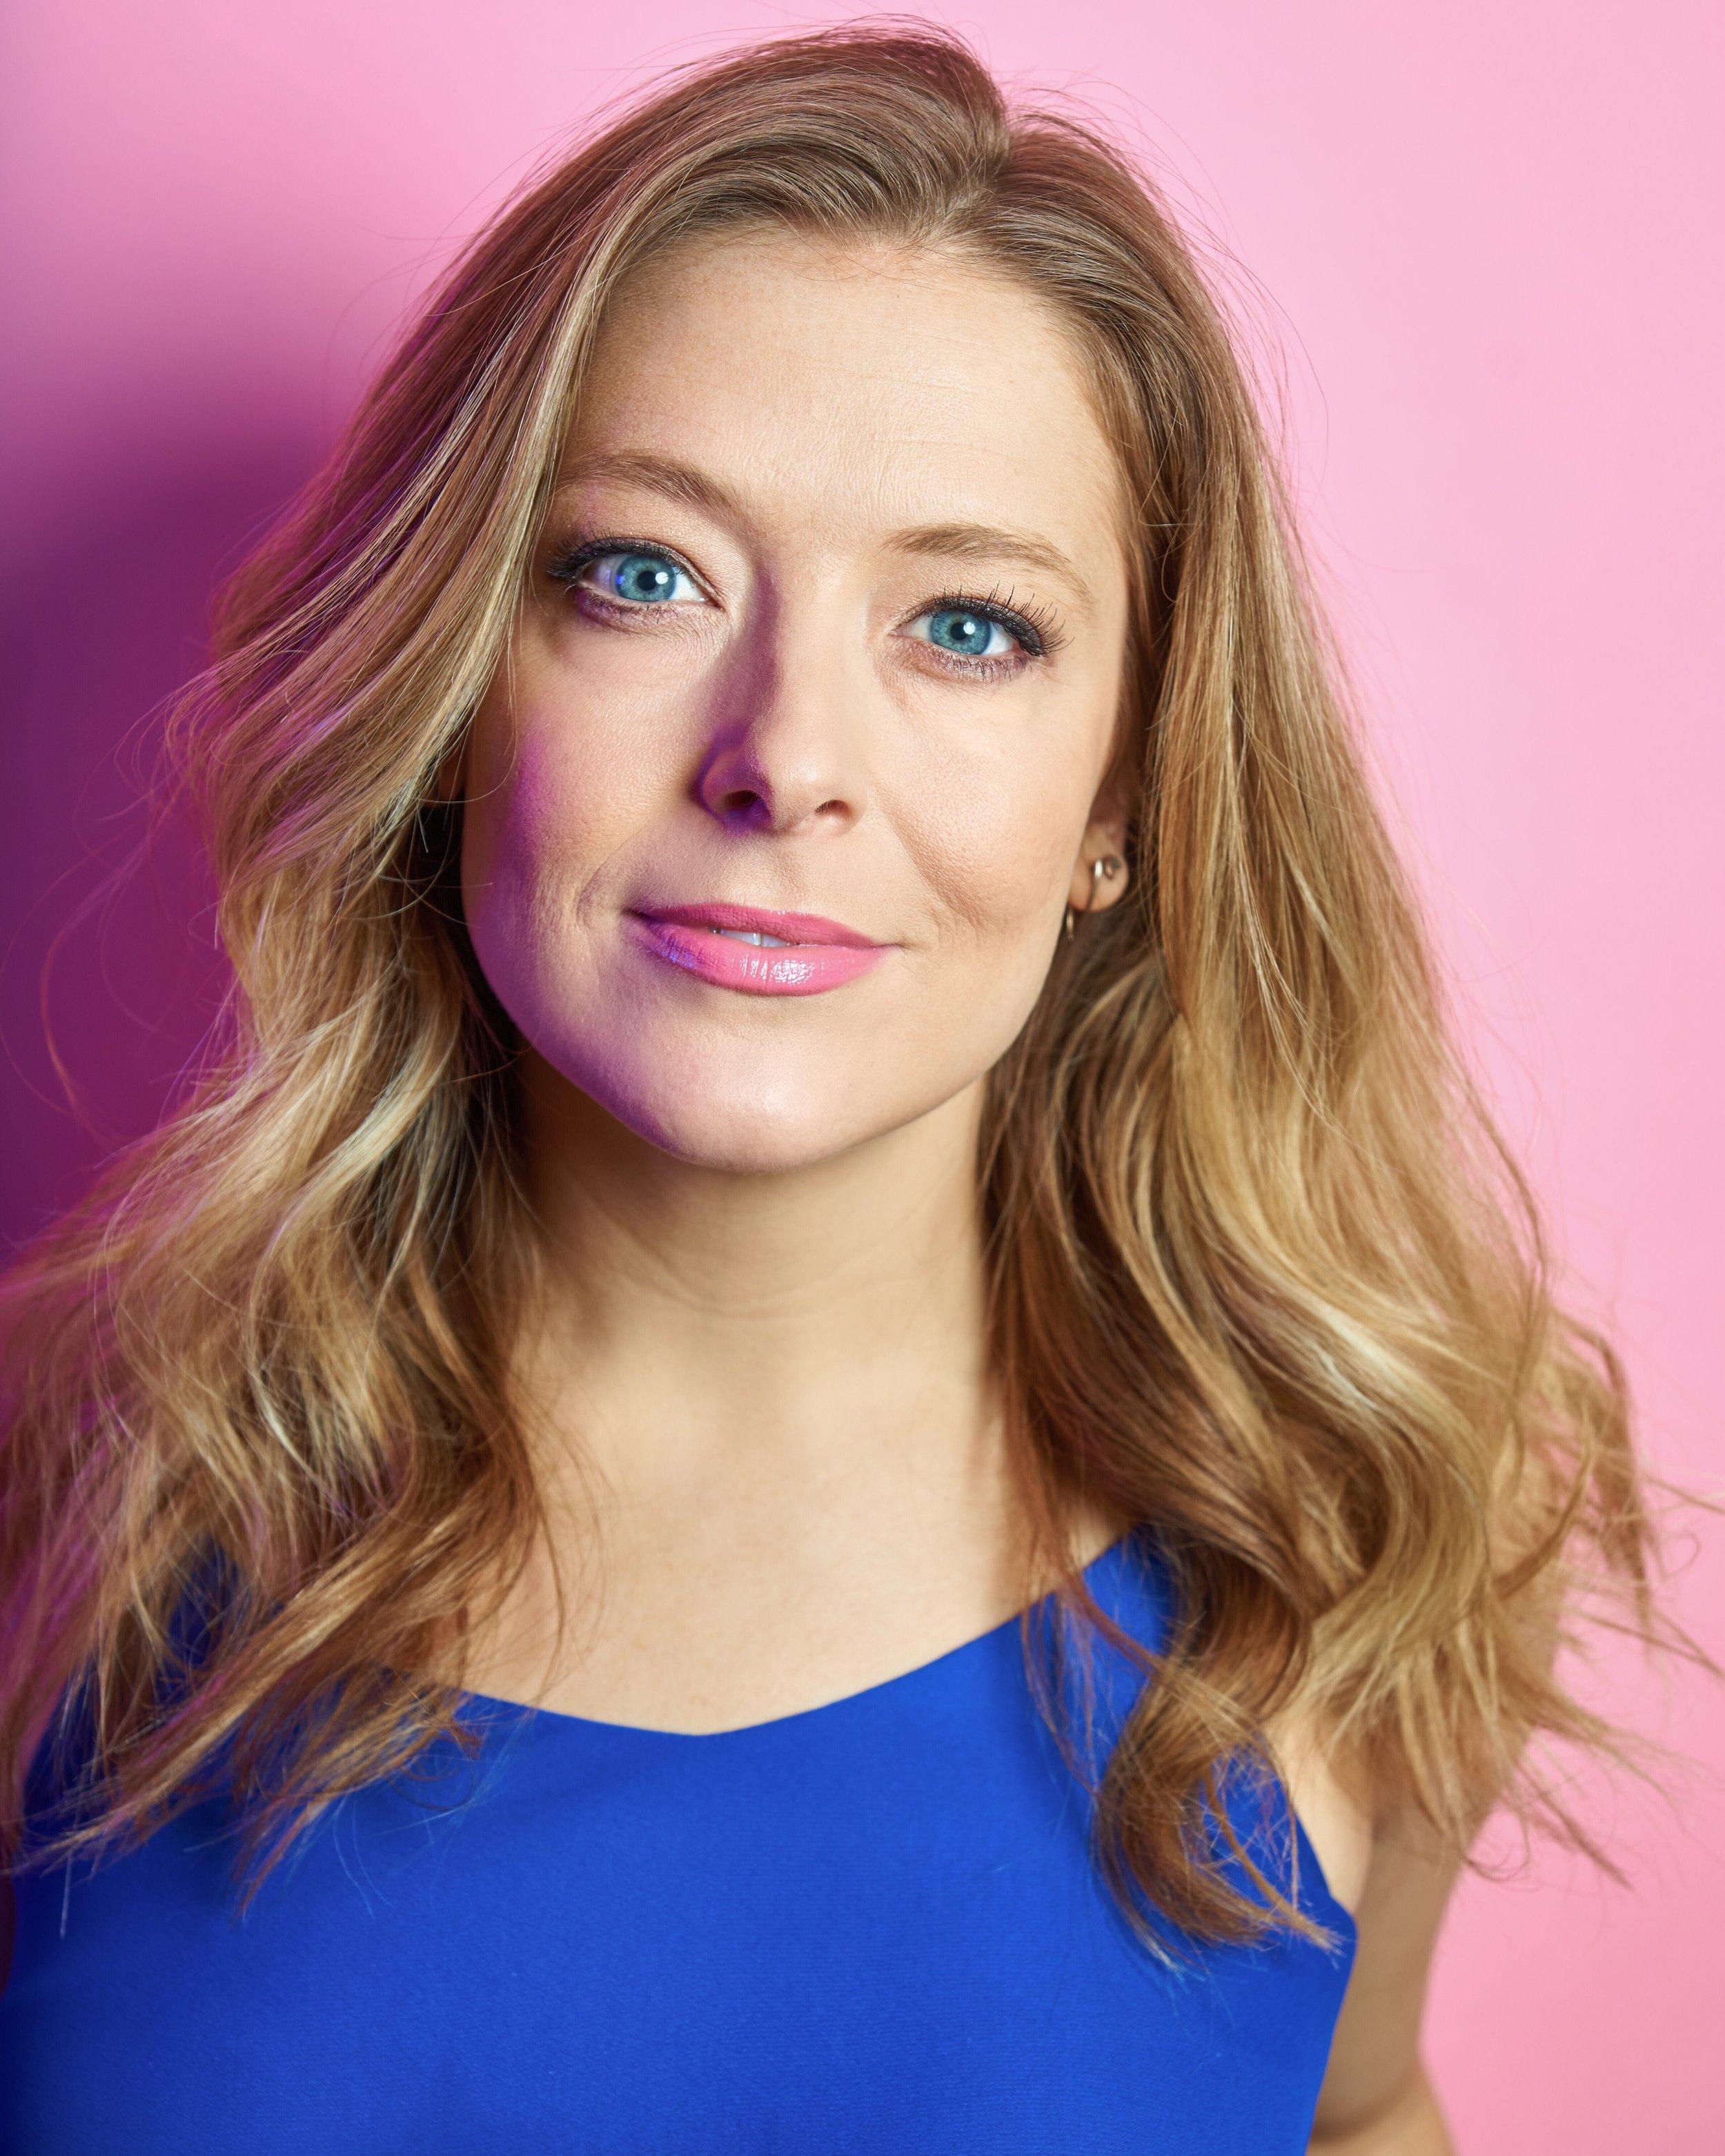 Emily Afton headshot